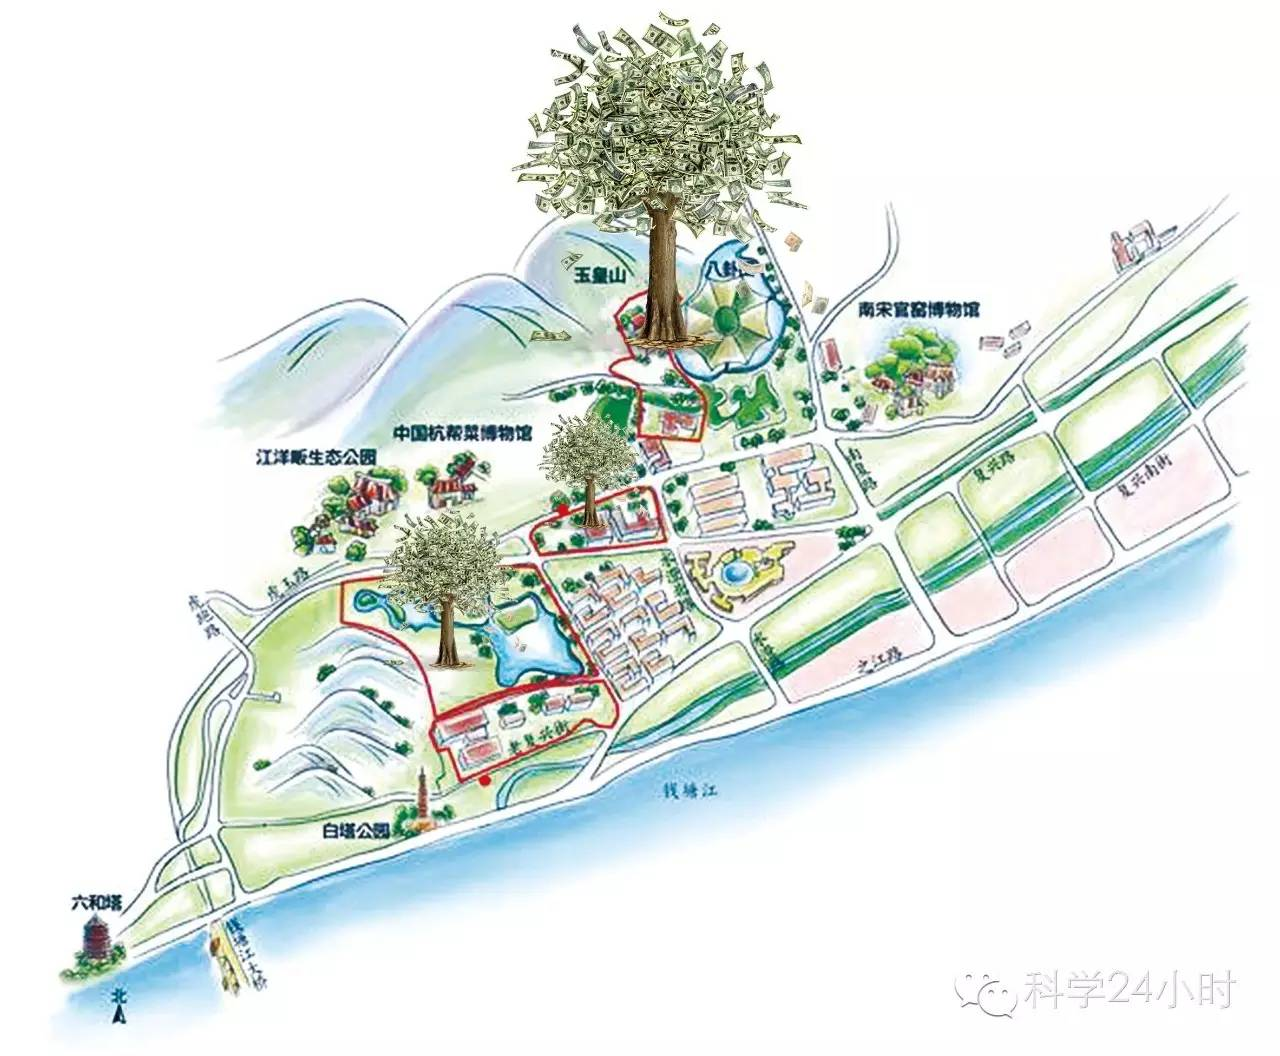 【独家·24小时】玉皇山南,一座基金小镇在生长 : 经理人分享